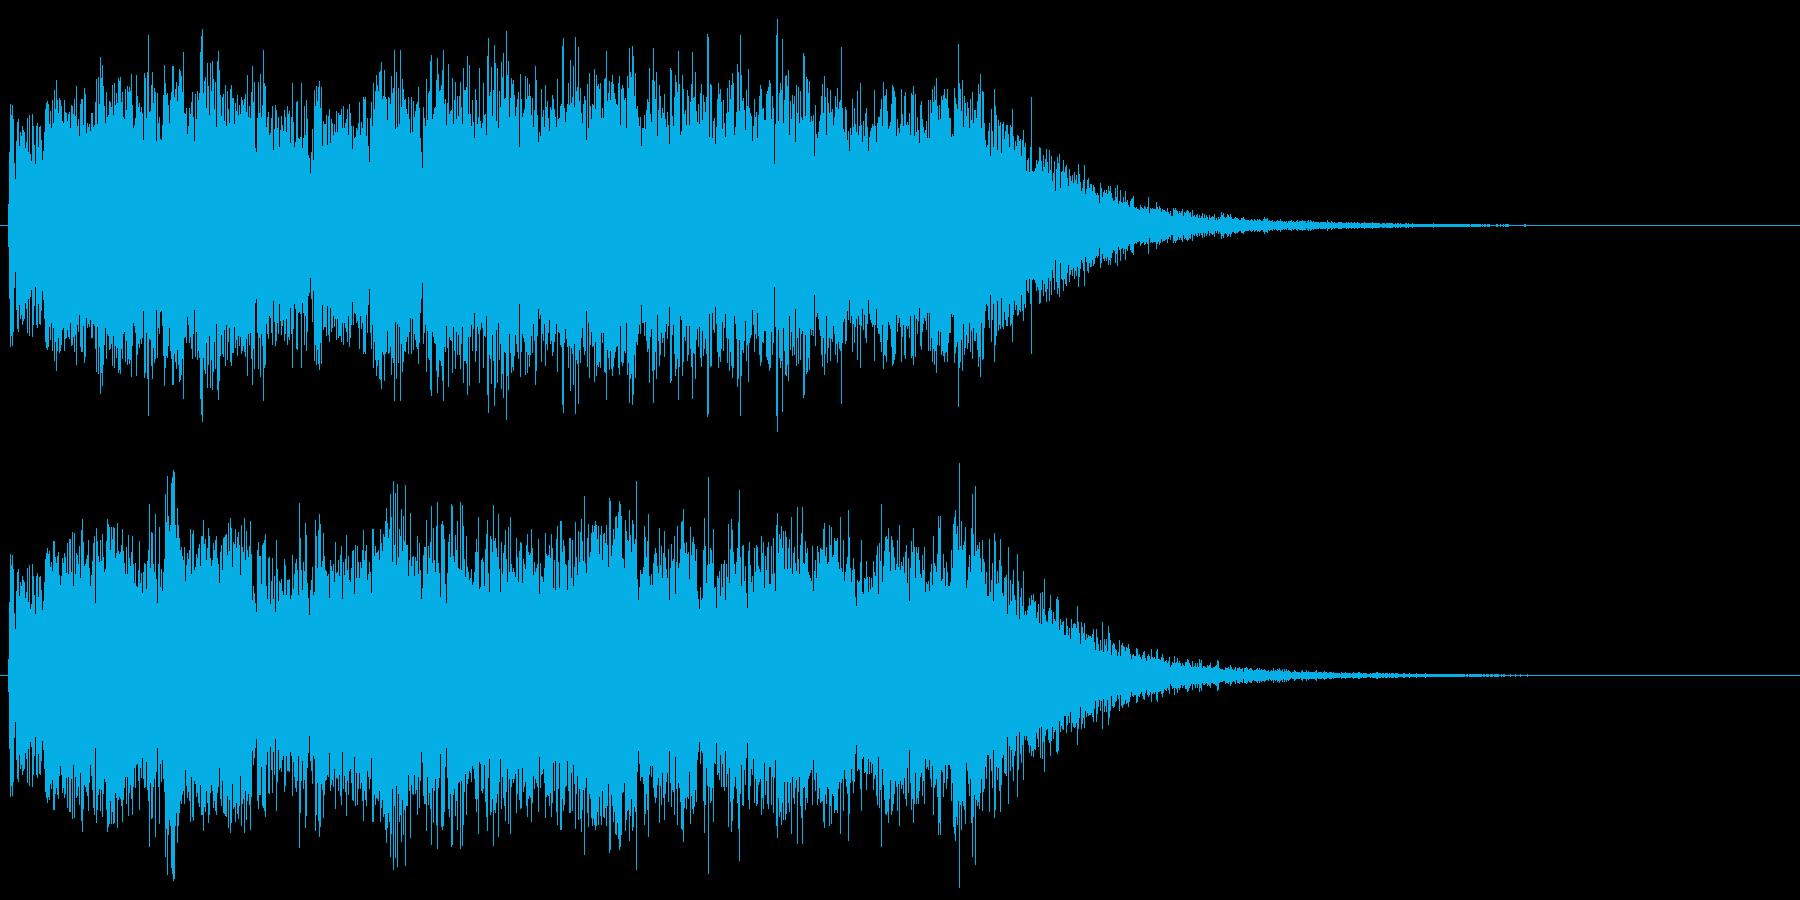 ヘヴィーメタルなギターのキメフレーズ の再生済みの波形